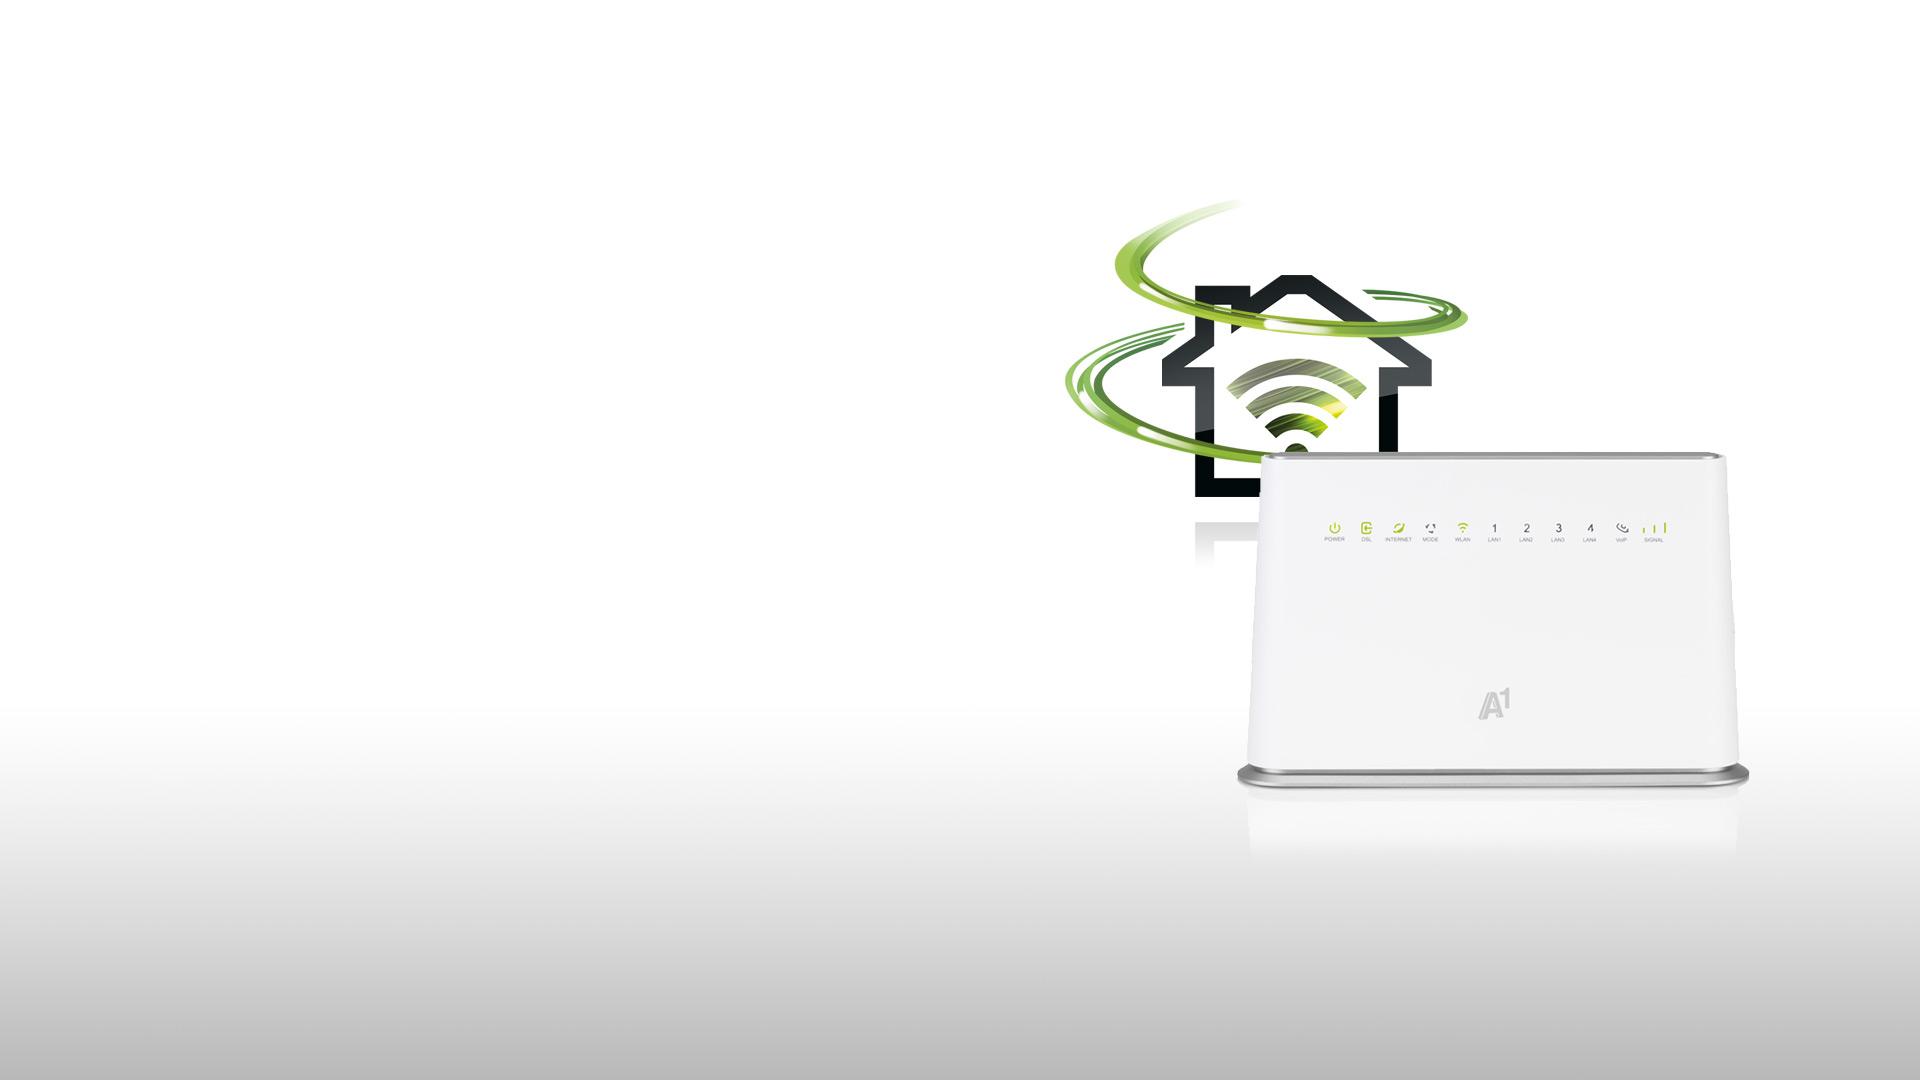 Festnetz-Internet Icon mit Hybrid-Boost Swoosh und abgebildetem Modem